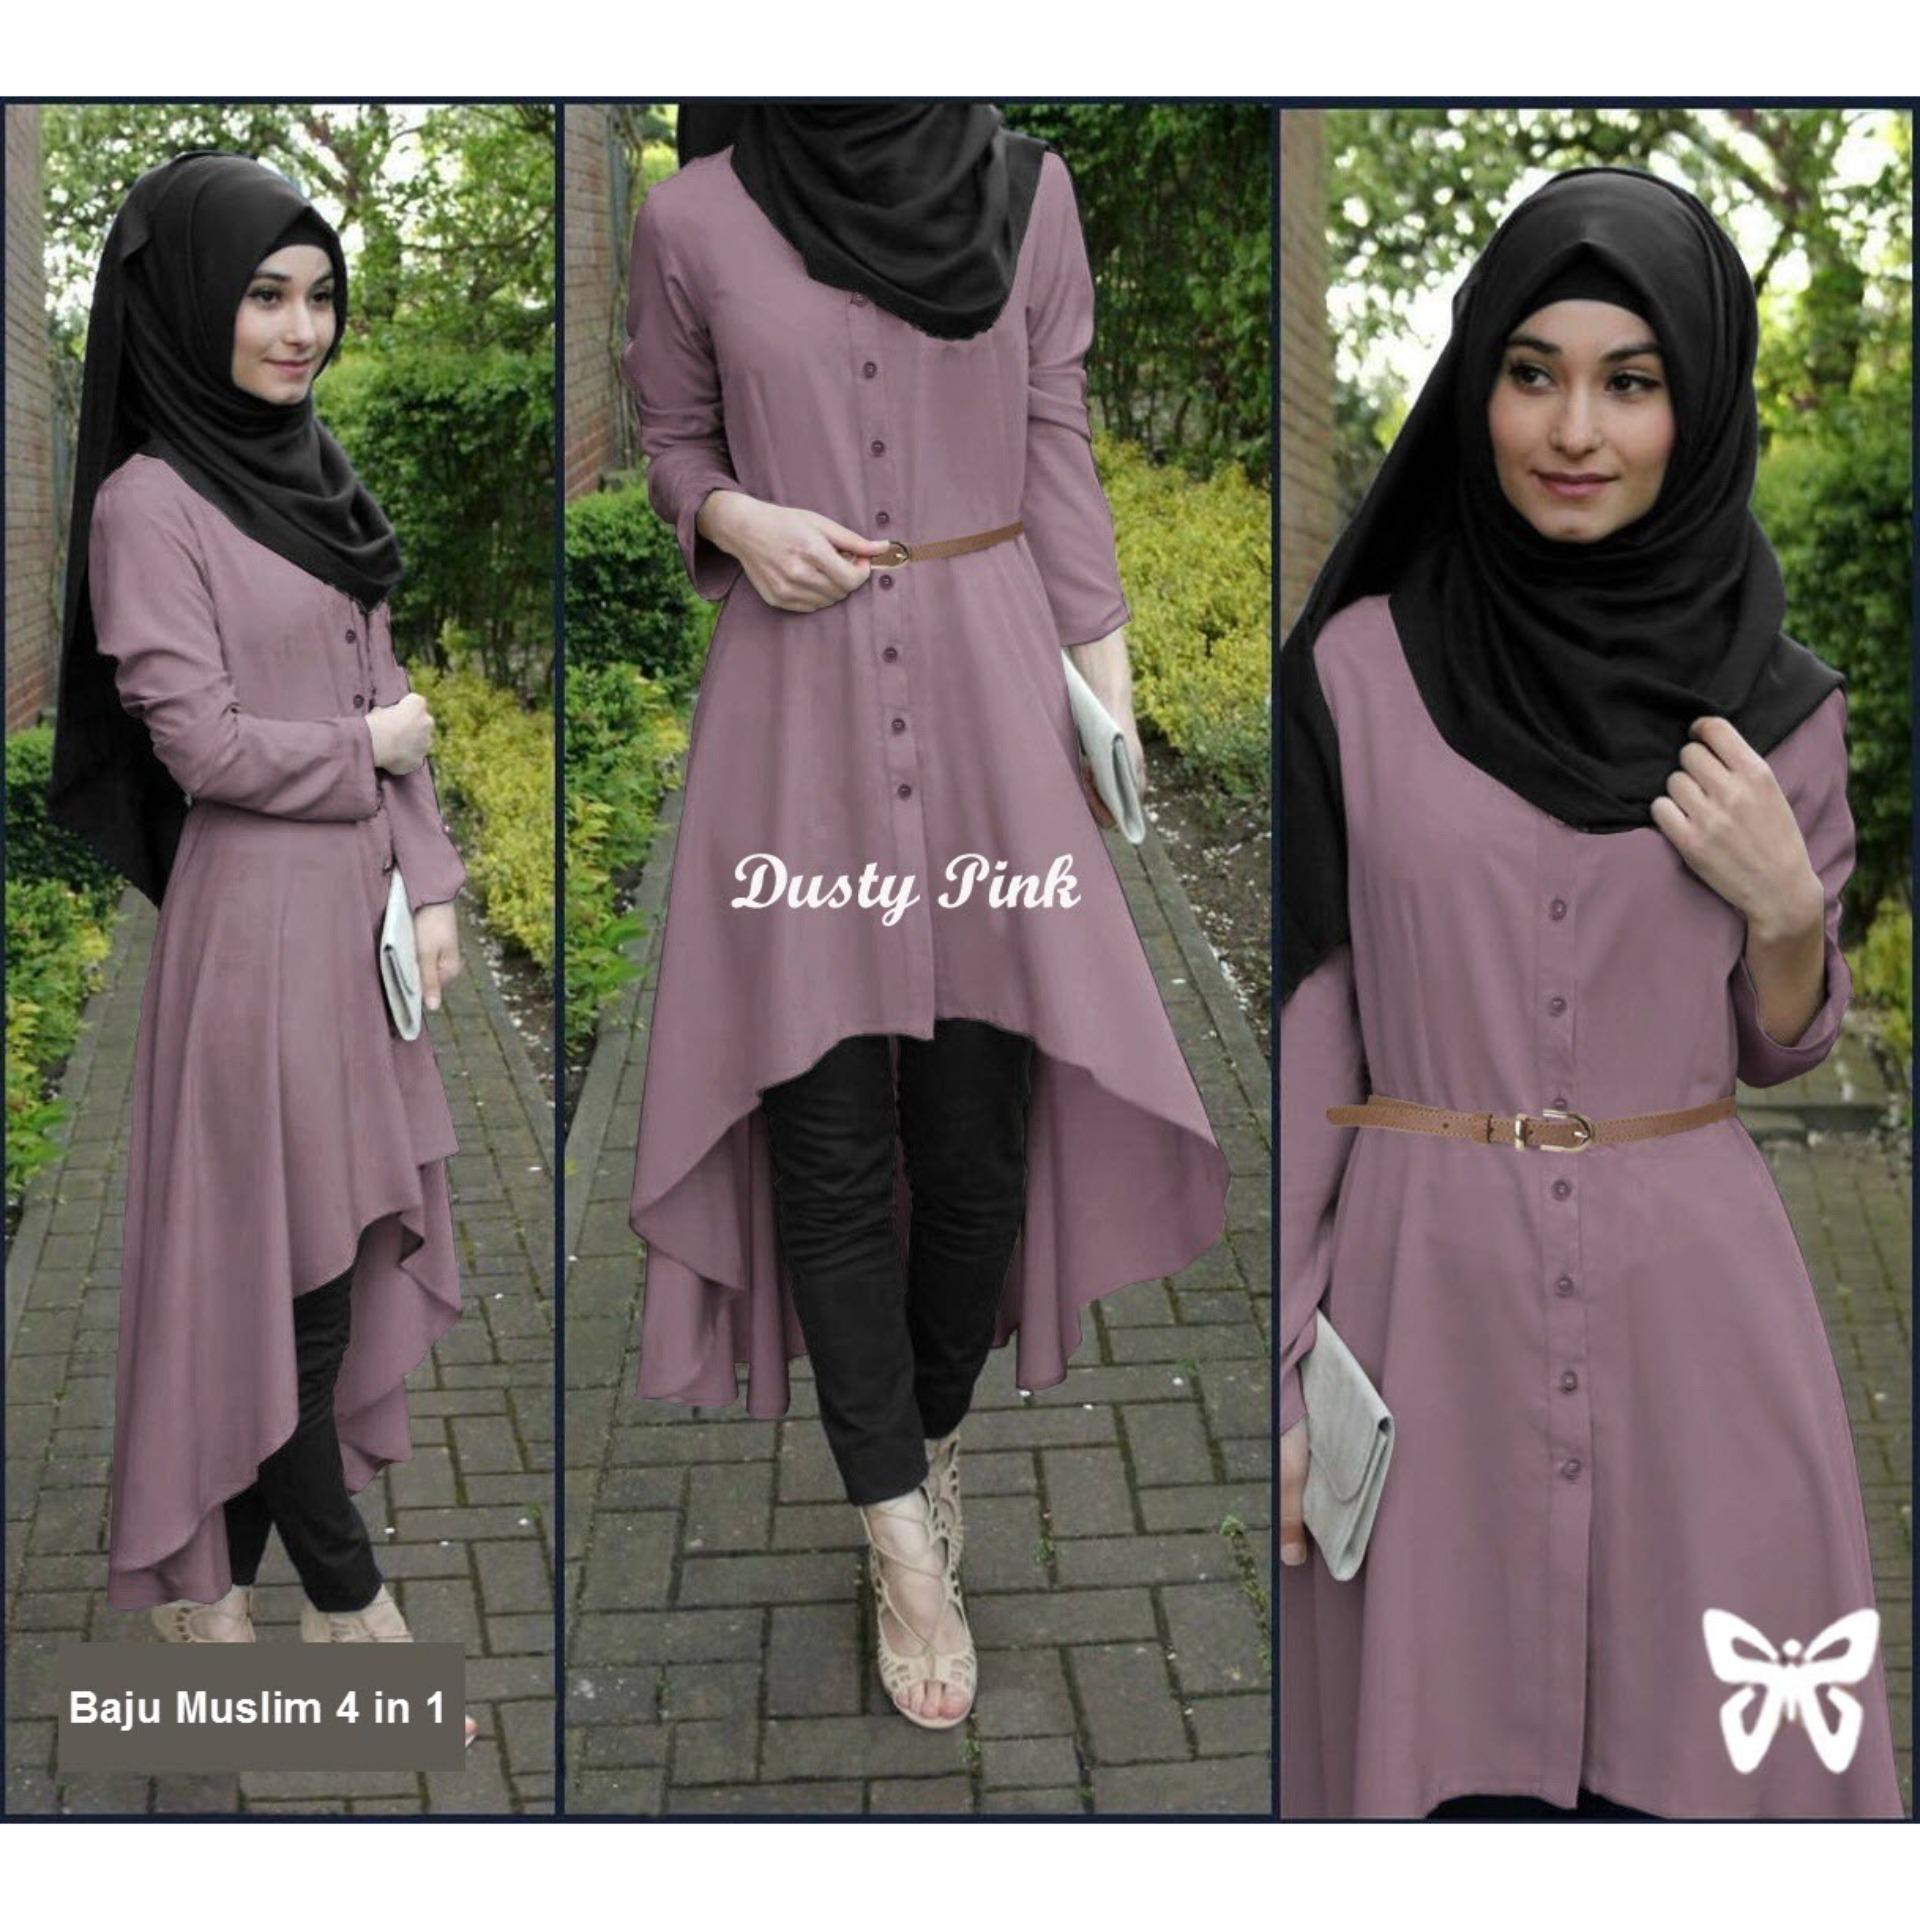 Flavia Store Baju Muslim Wanita Set 4 in 1 FS0694 - DUSTY PINK / Setelan Muslimah / Stelan Gamis / Hijab / Atasan Blouse Terusan Kemeja Tunik Lengan Panjang Bawahan Celana / Srsafira